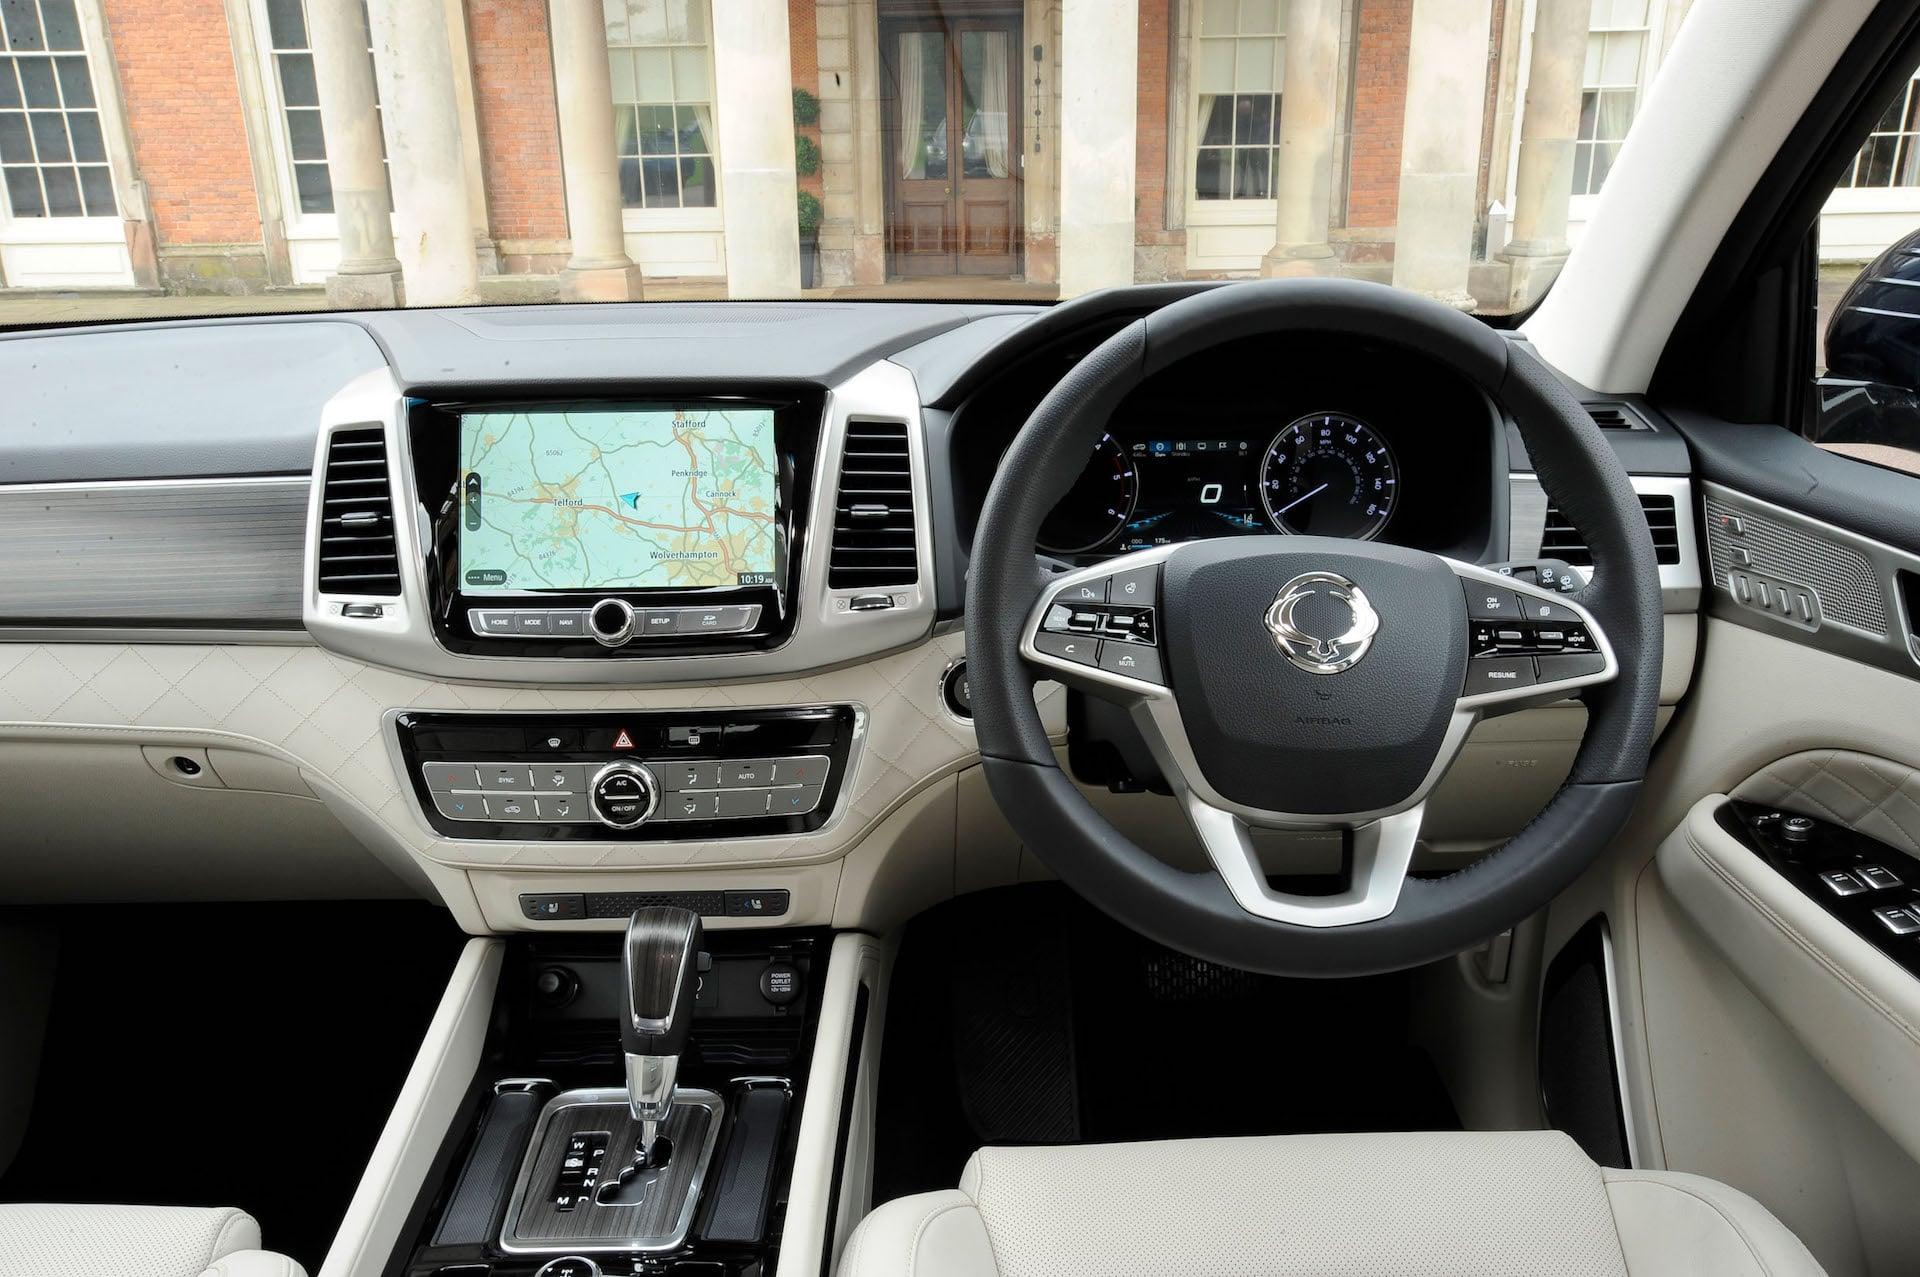 SsangYong Rexton dashboard | The Car Expert review 2017